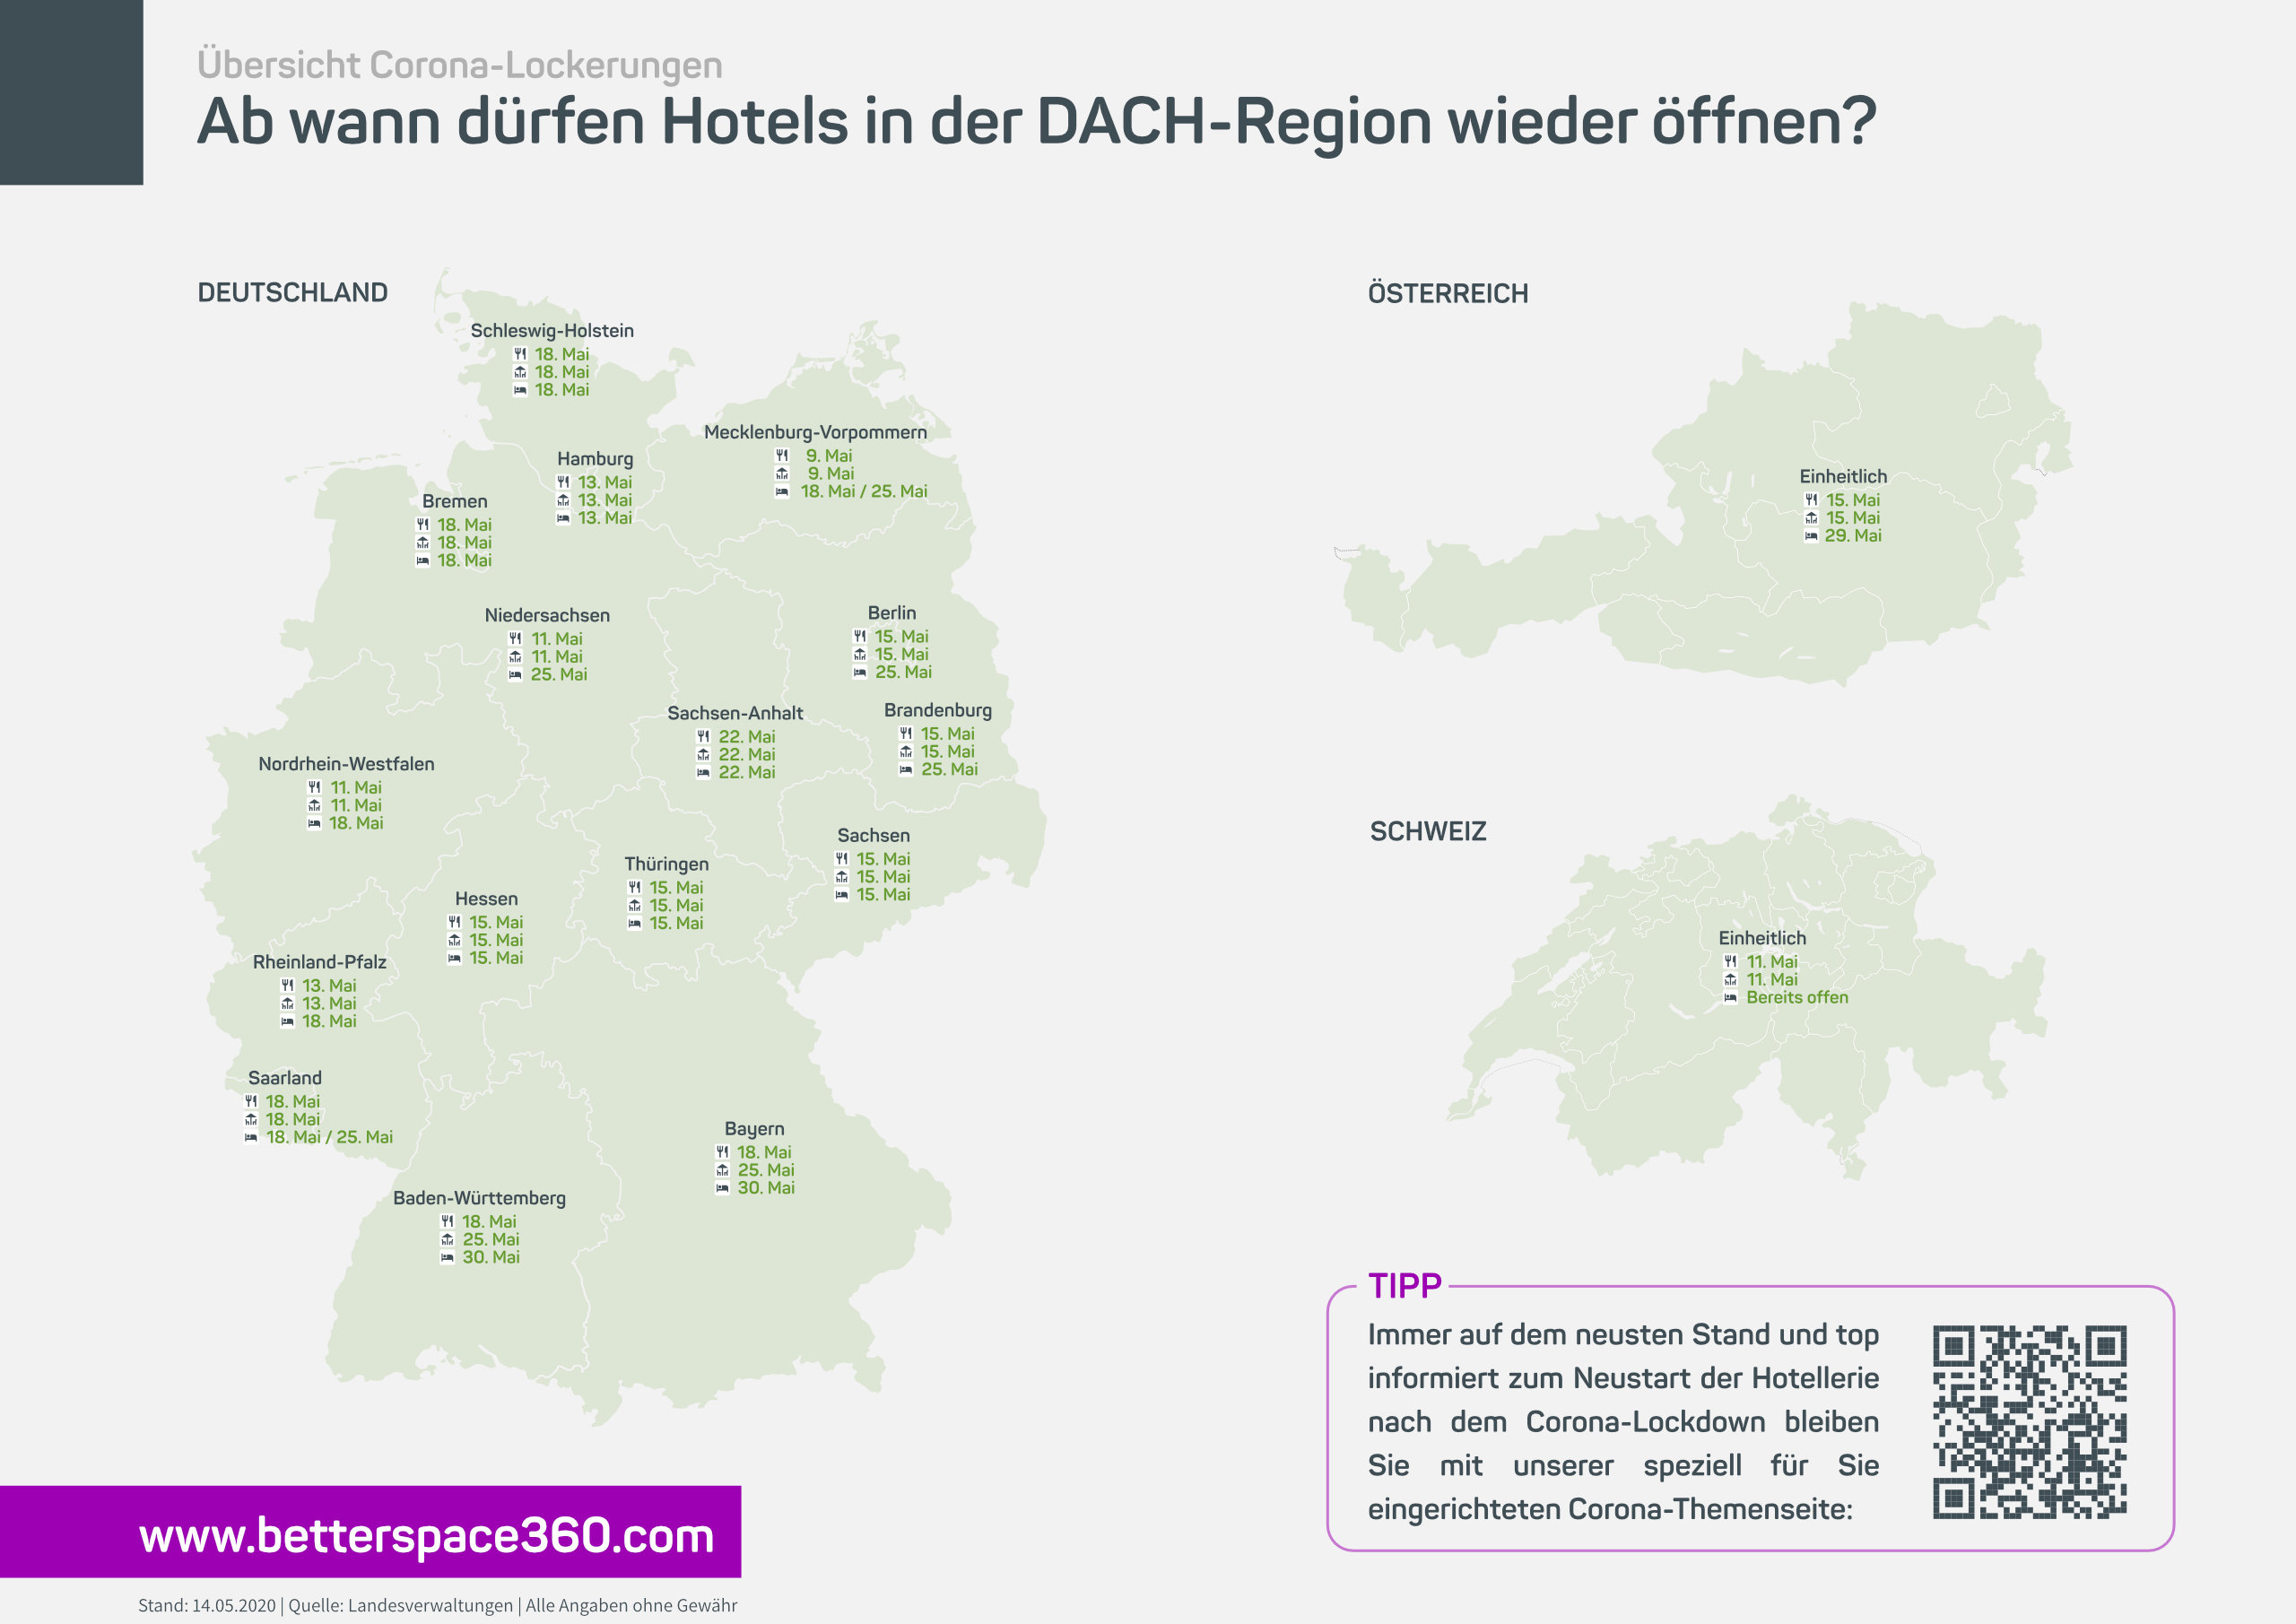 Hilfe zur Hotel-Wiedereröffnung | Betterspace (Deutschland)